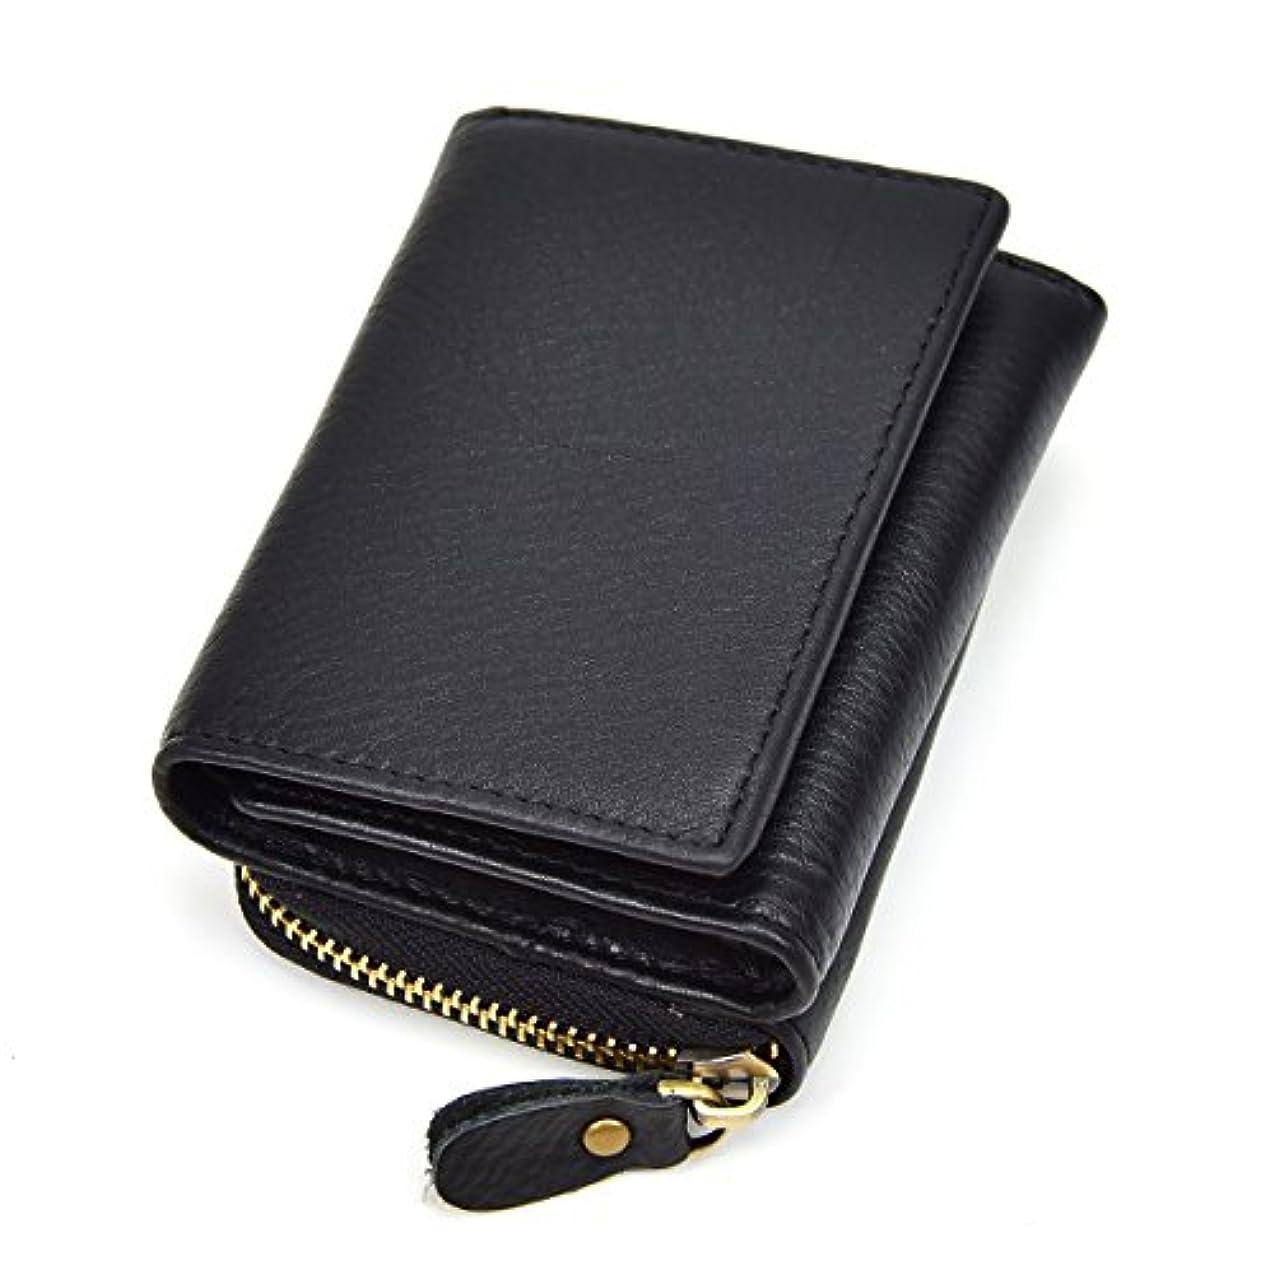 入場料剃る形式本革 財布 男女兼用 レザー 小銭入れ コインケース 短財布 二つ折り財布 カード入れ 写真入れ